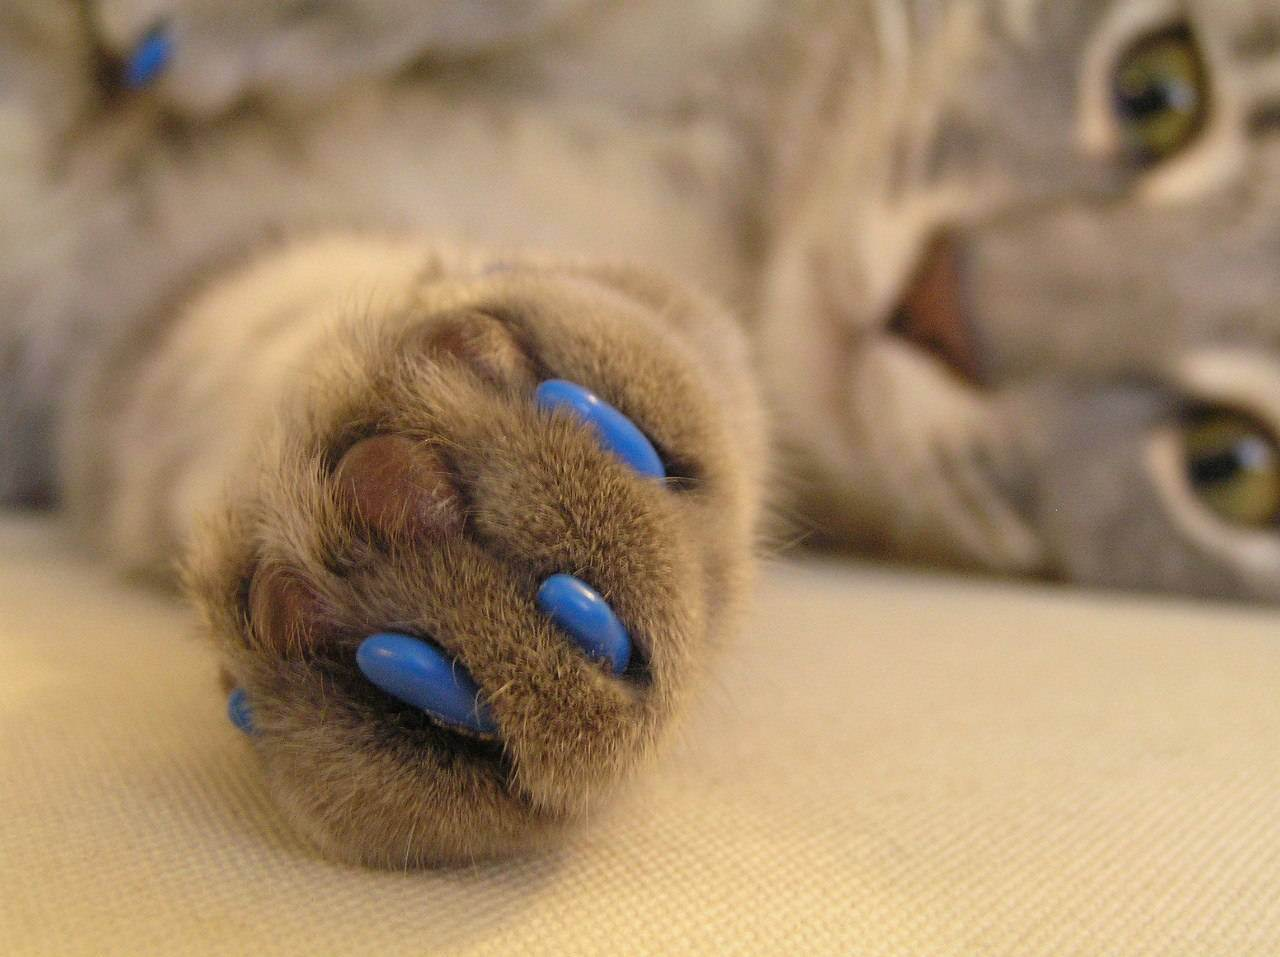 Как делают операцию «мягкие лапки» у кошек: плюсы и минусы процедуры